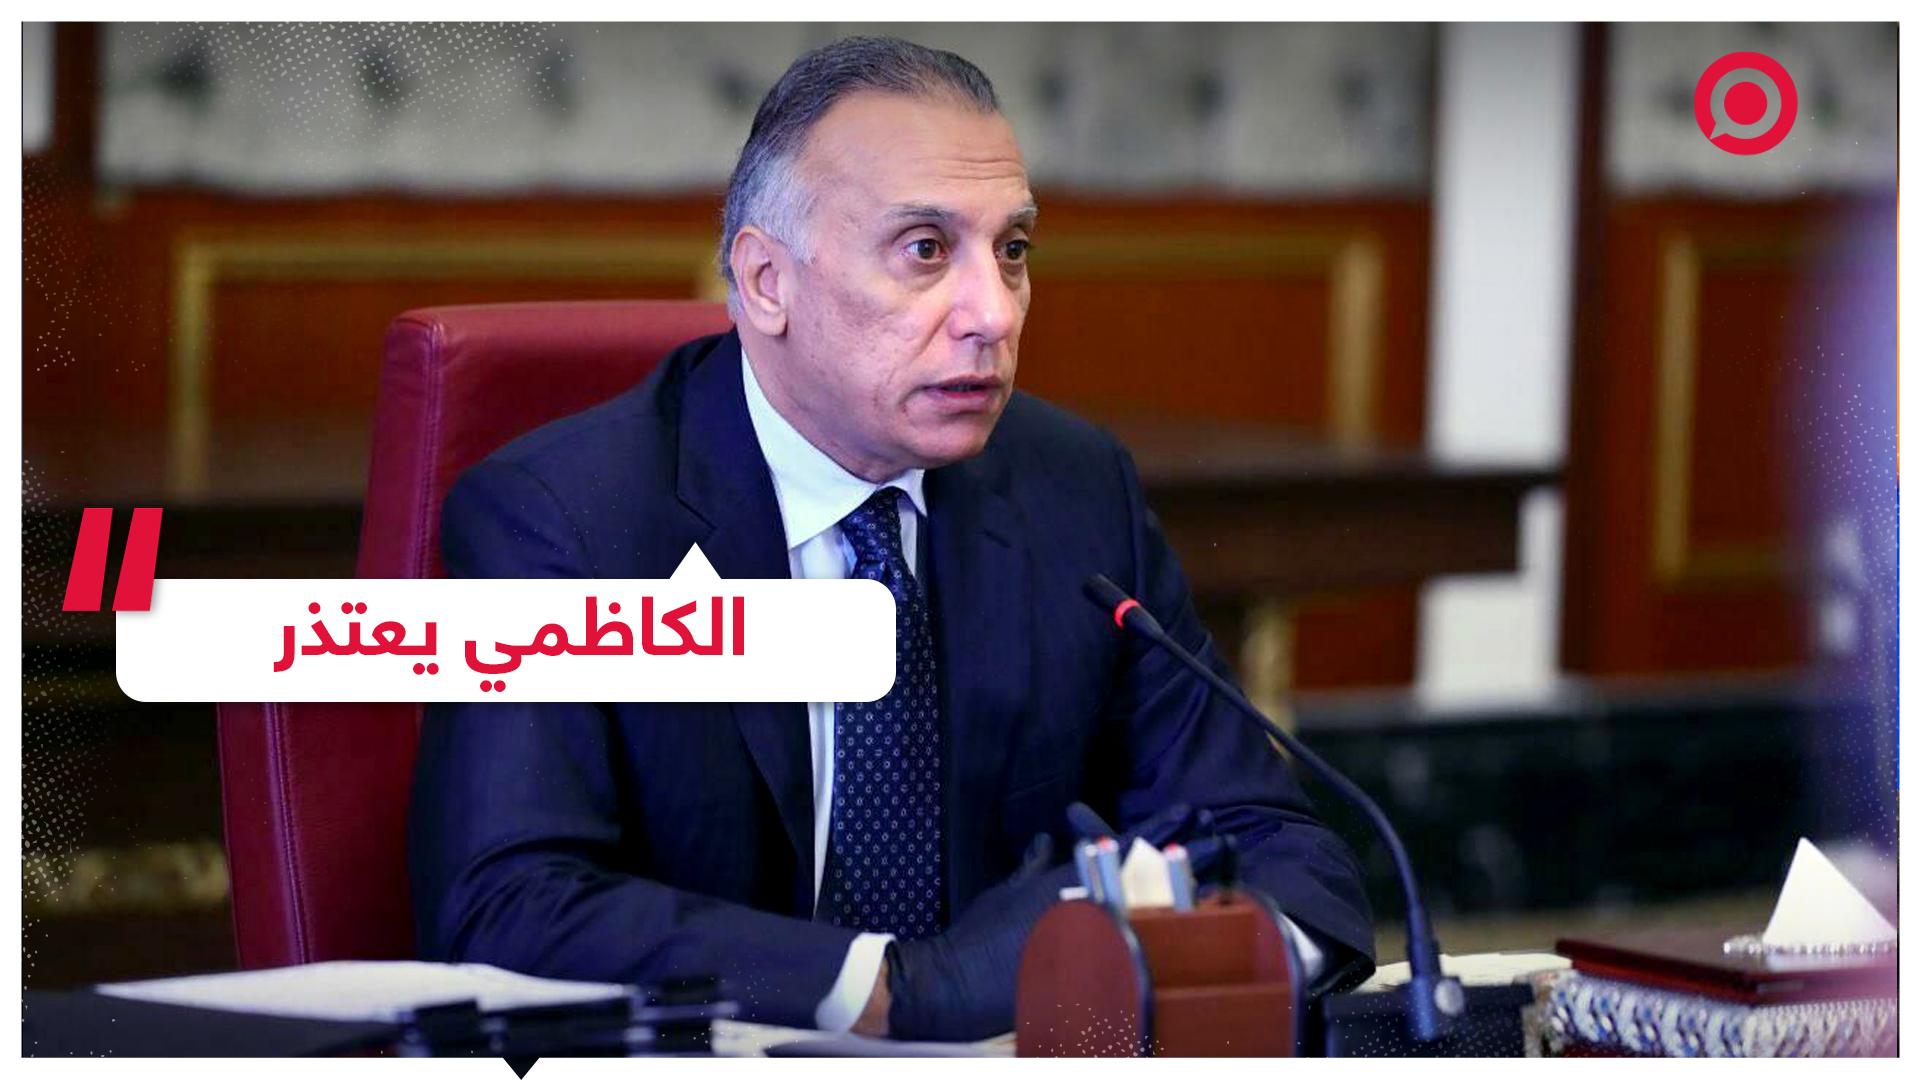 رئيس الوزراء العراقي يعتذر لمدير مدرسة الناصرية